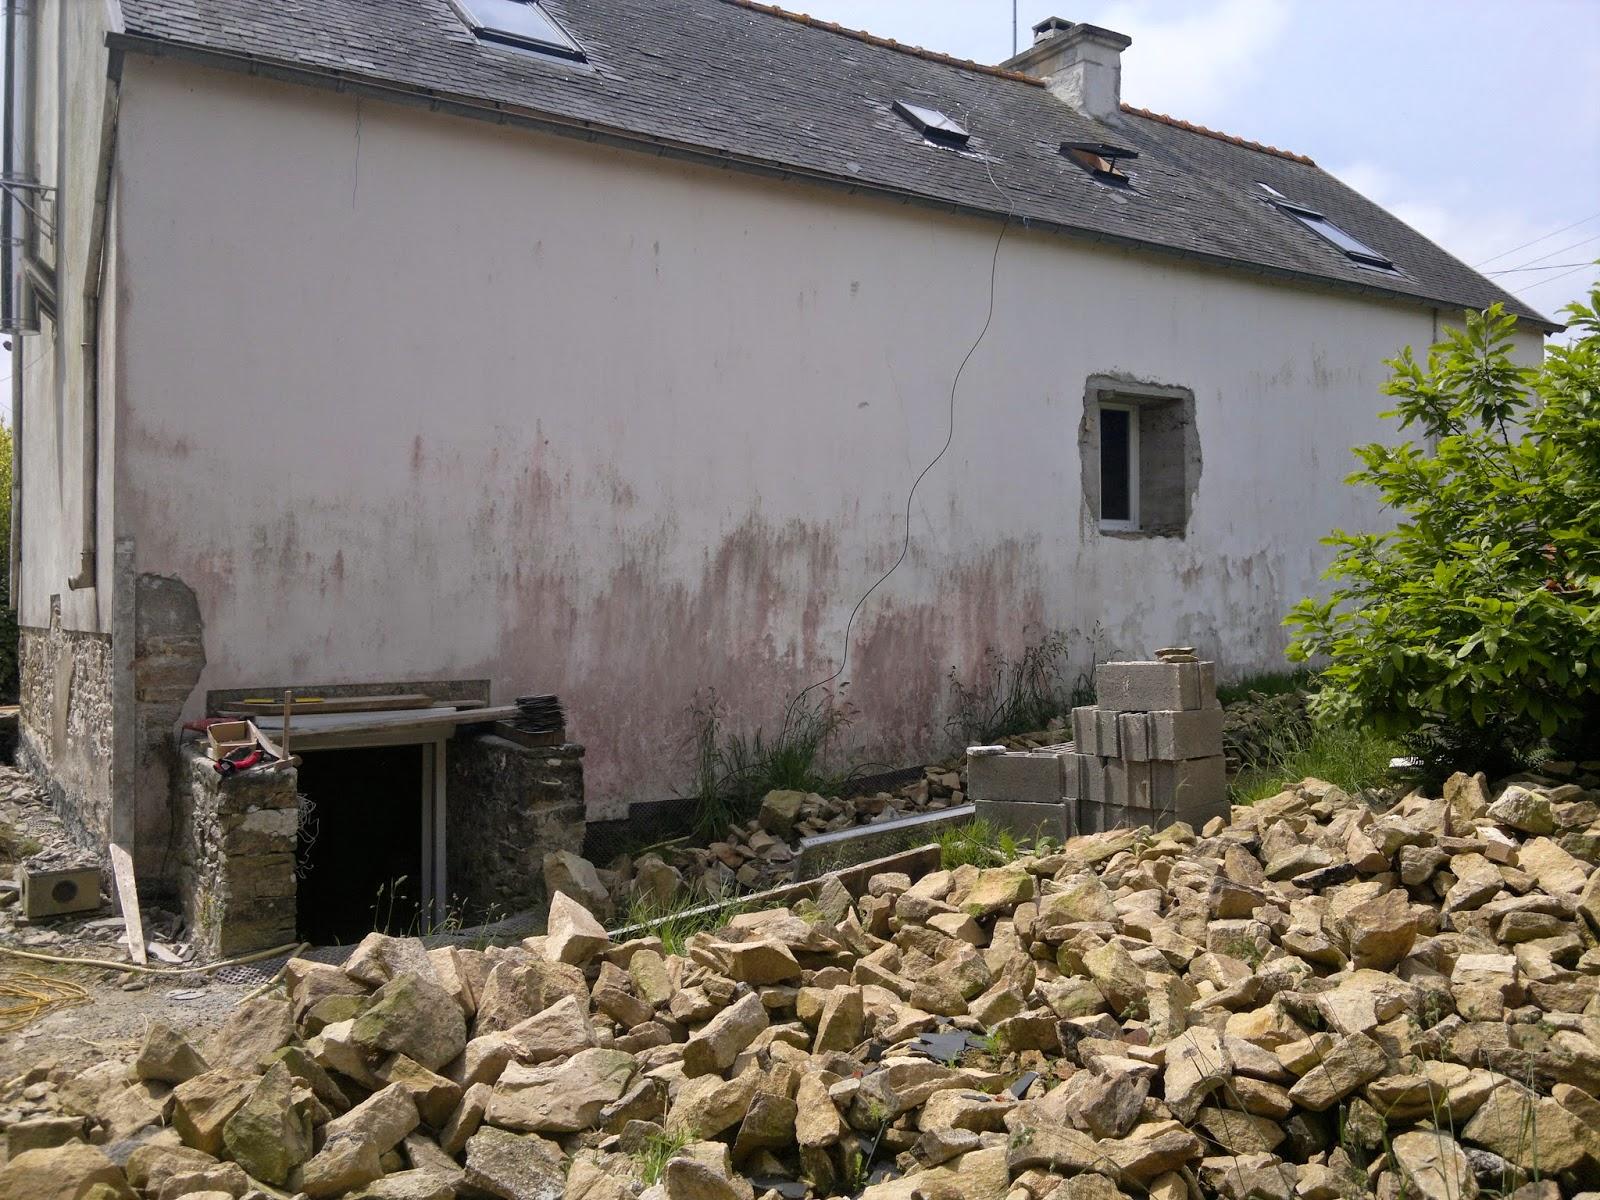 Humidit dans maison ancienne simple traiter les murs humides with humidit dans maison ancienne - Murs humides maison ancienne ...